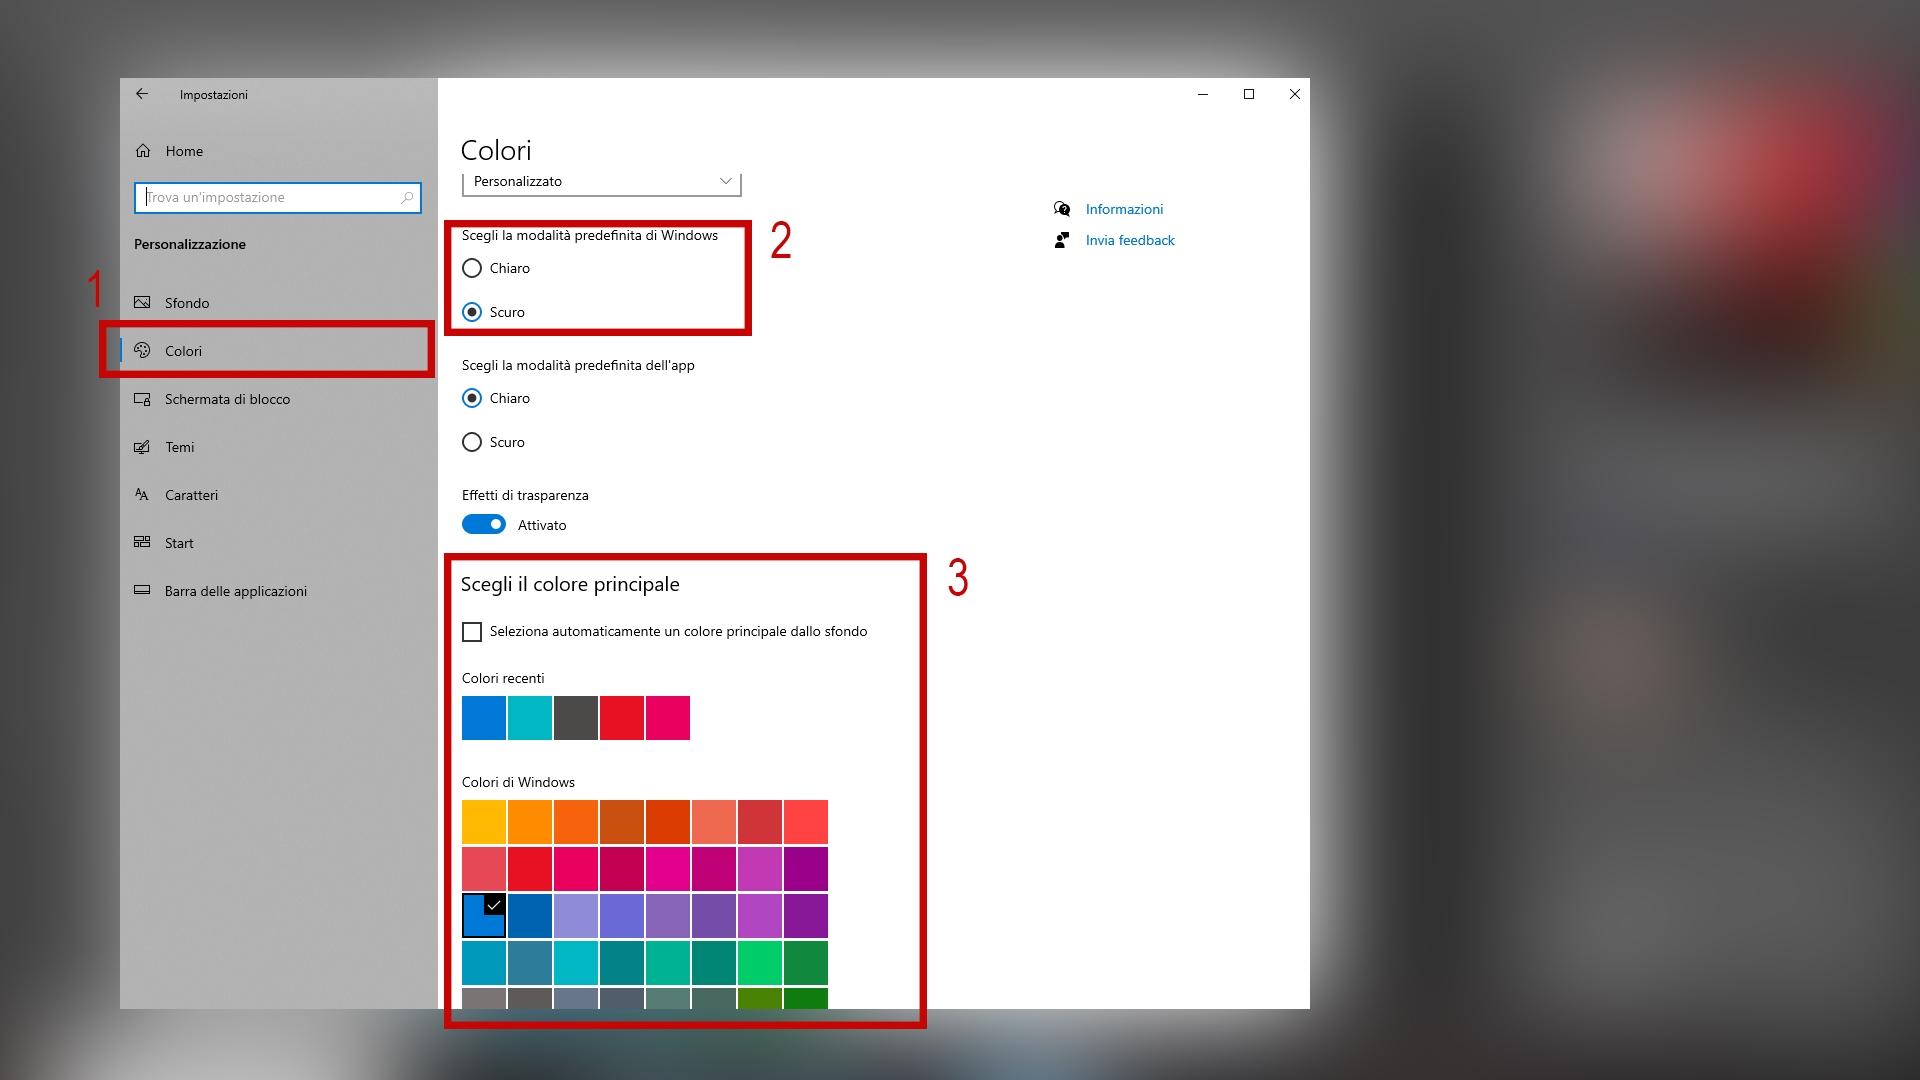 La schermata da cui è possibile modificare i colori di Windows